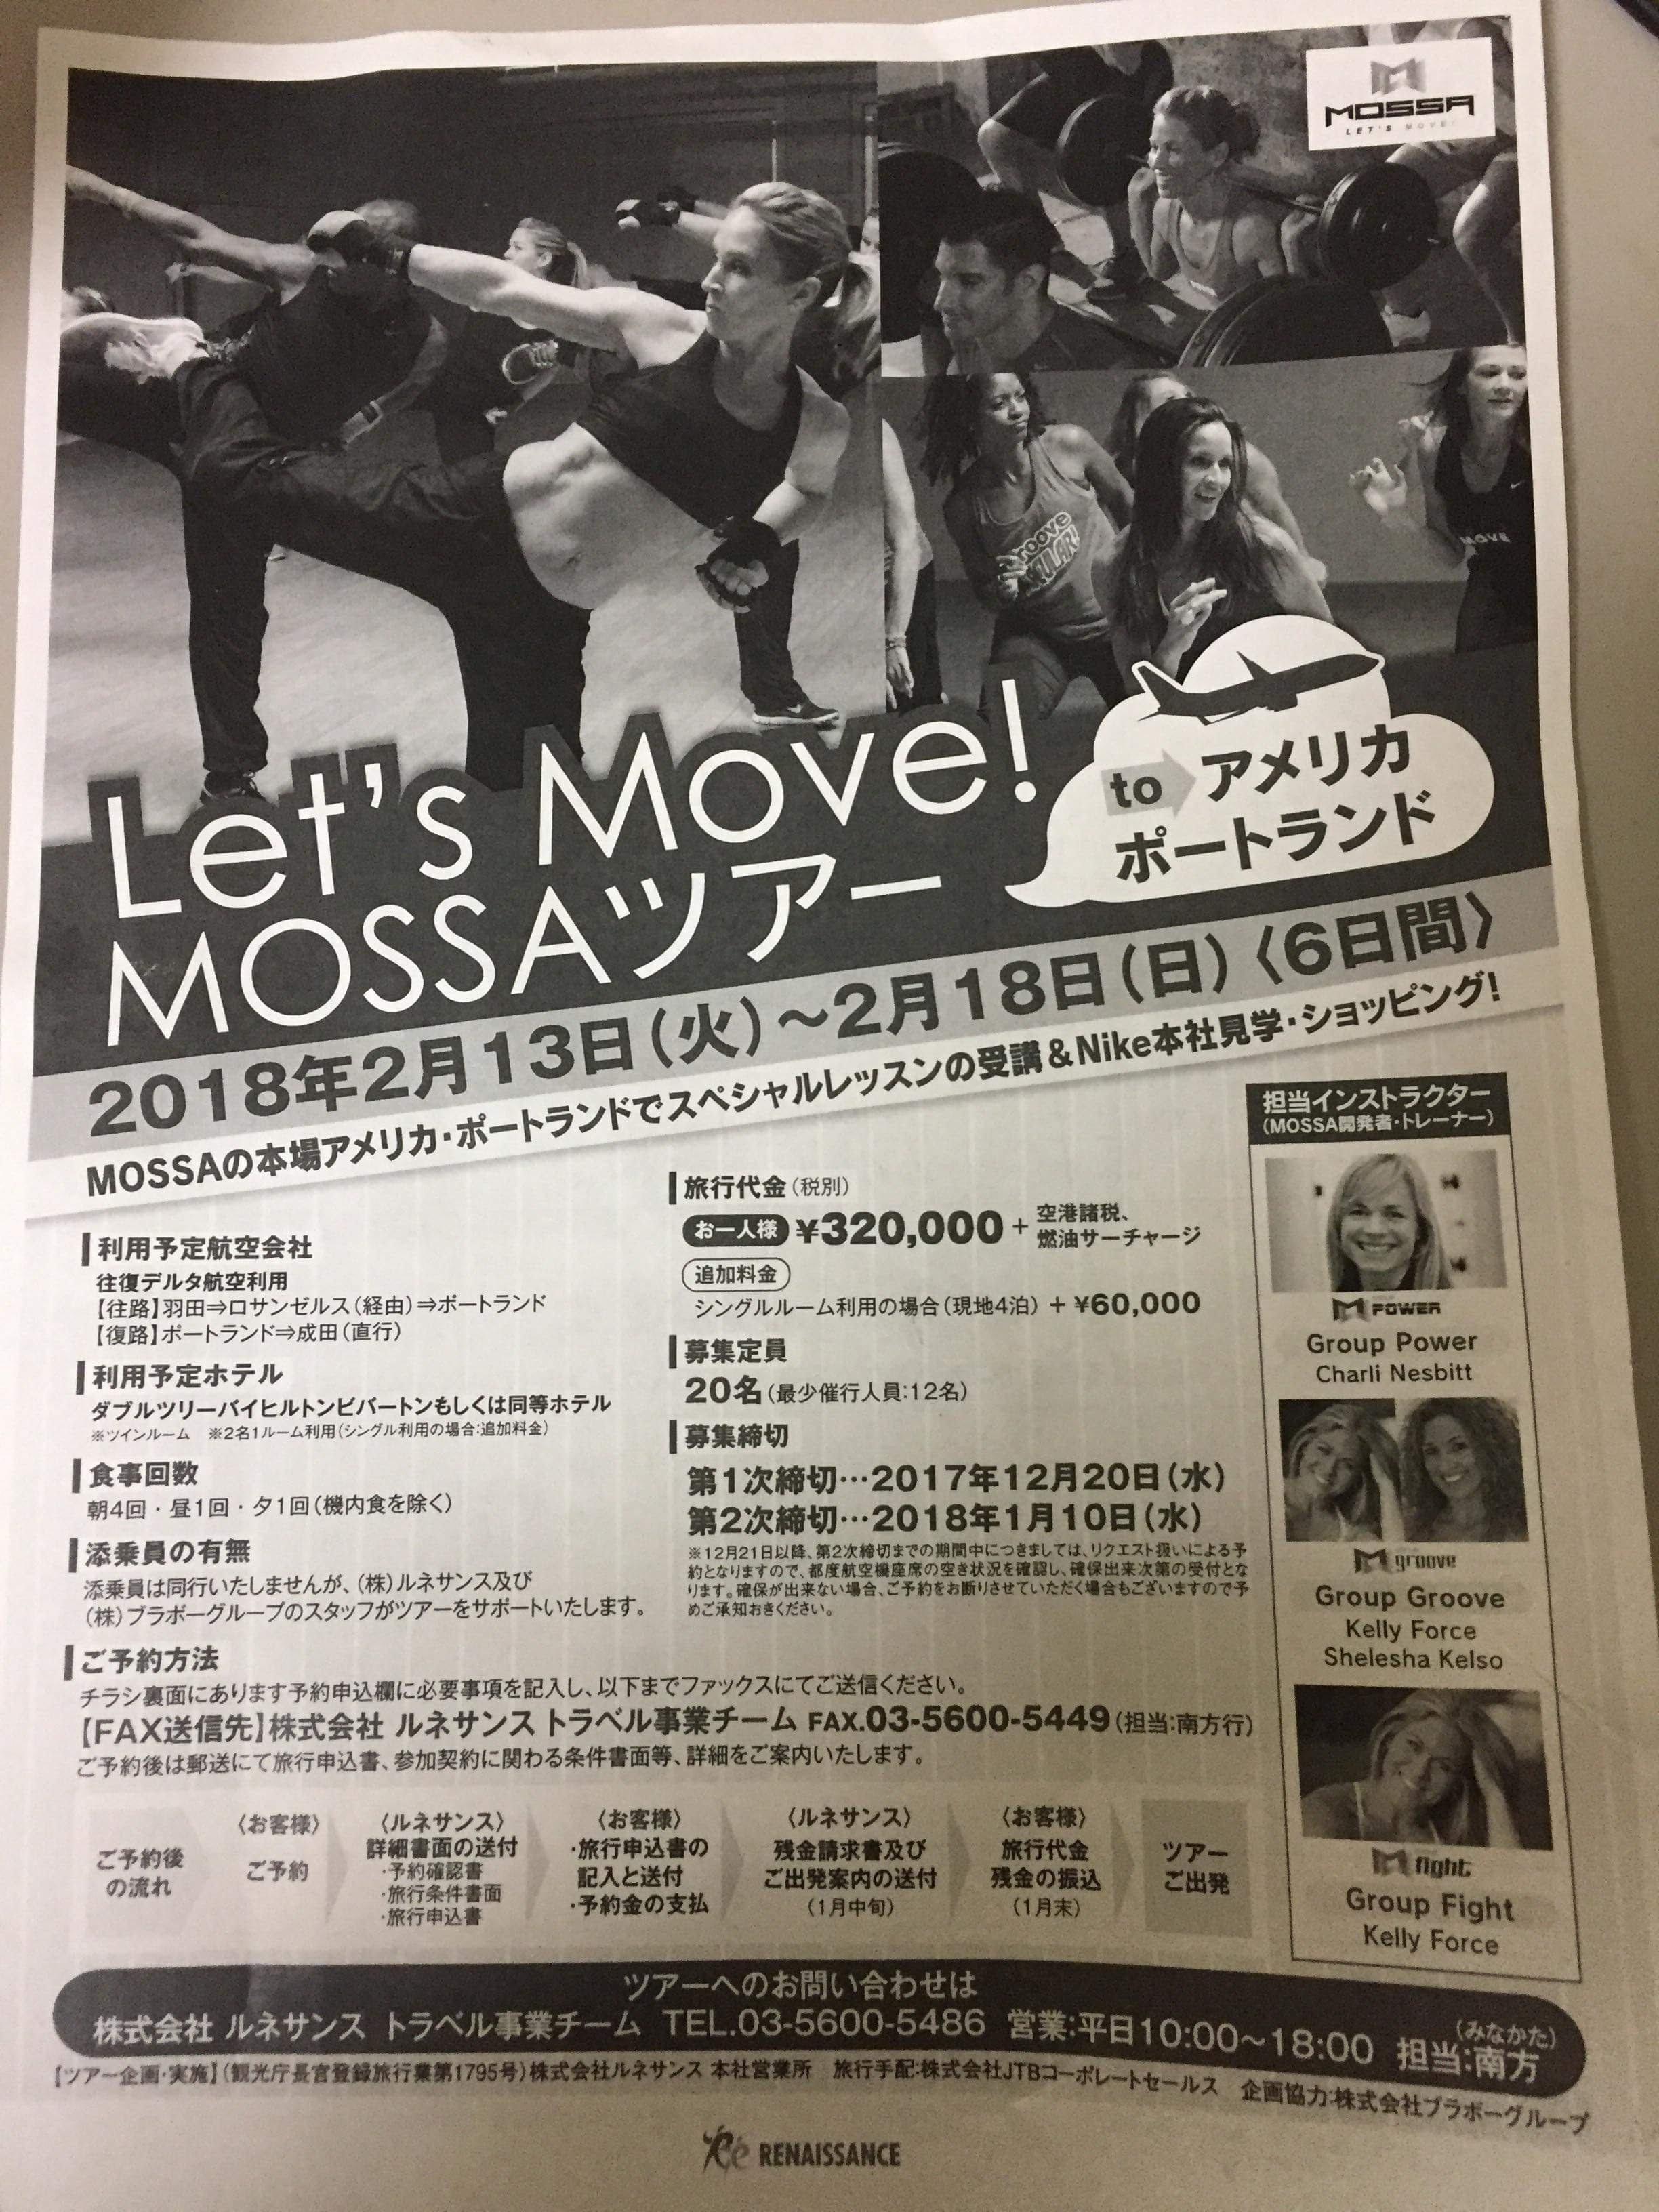 米国MOSSAツアー【20180213火-18日】Power・Groove・Fight/ルネサンス(表)